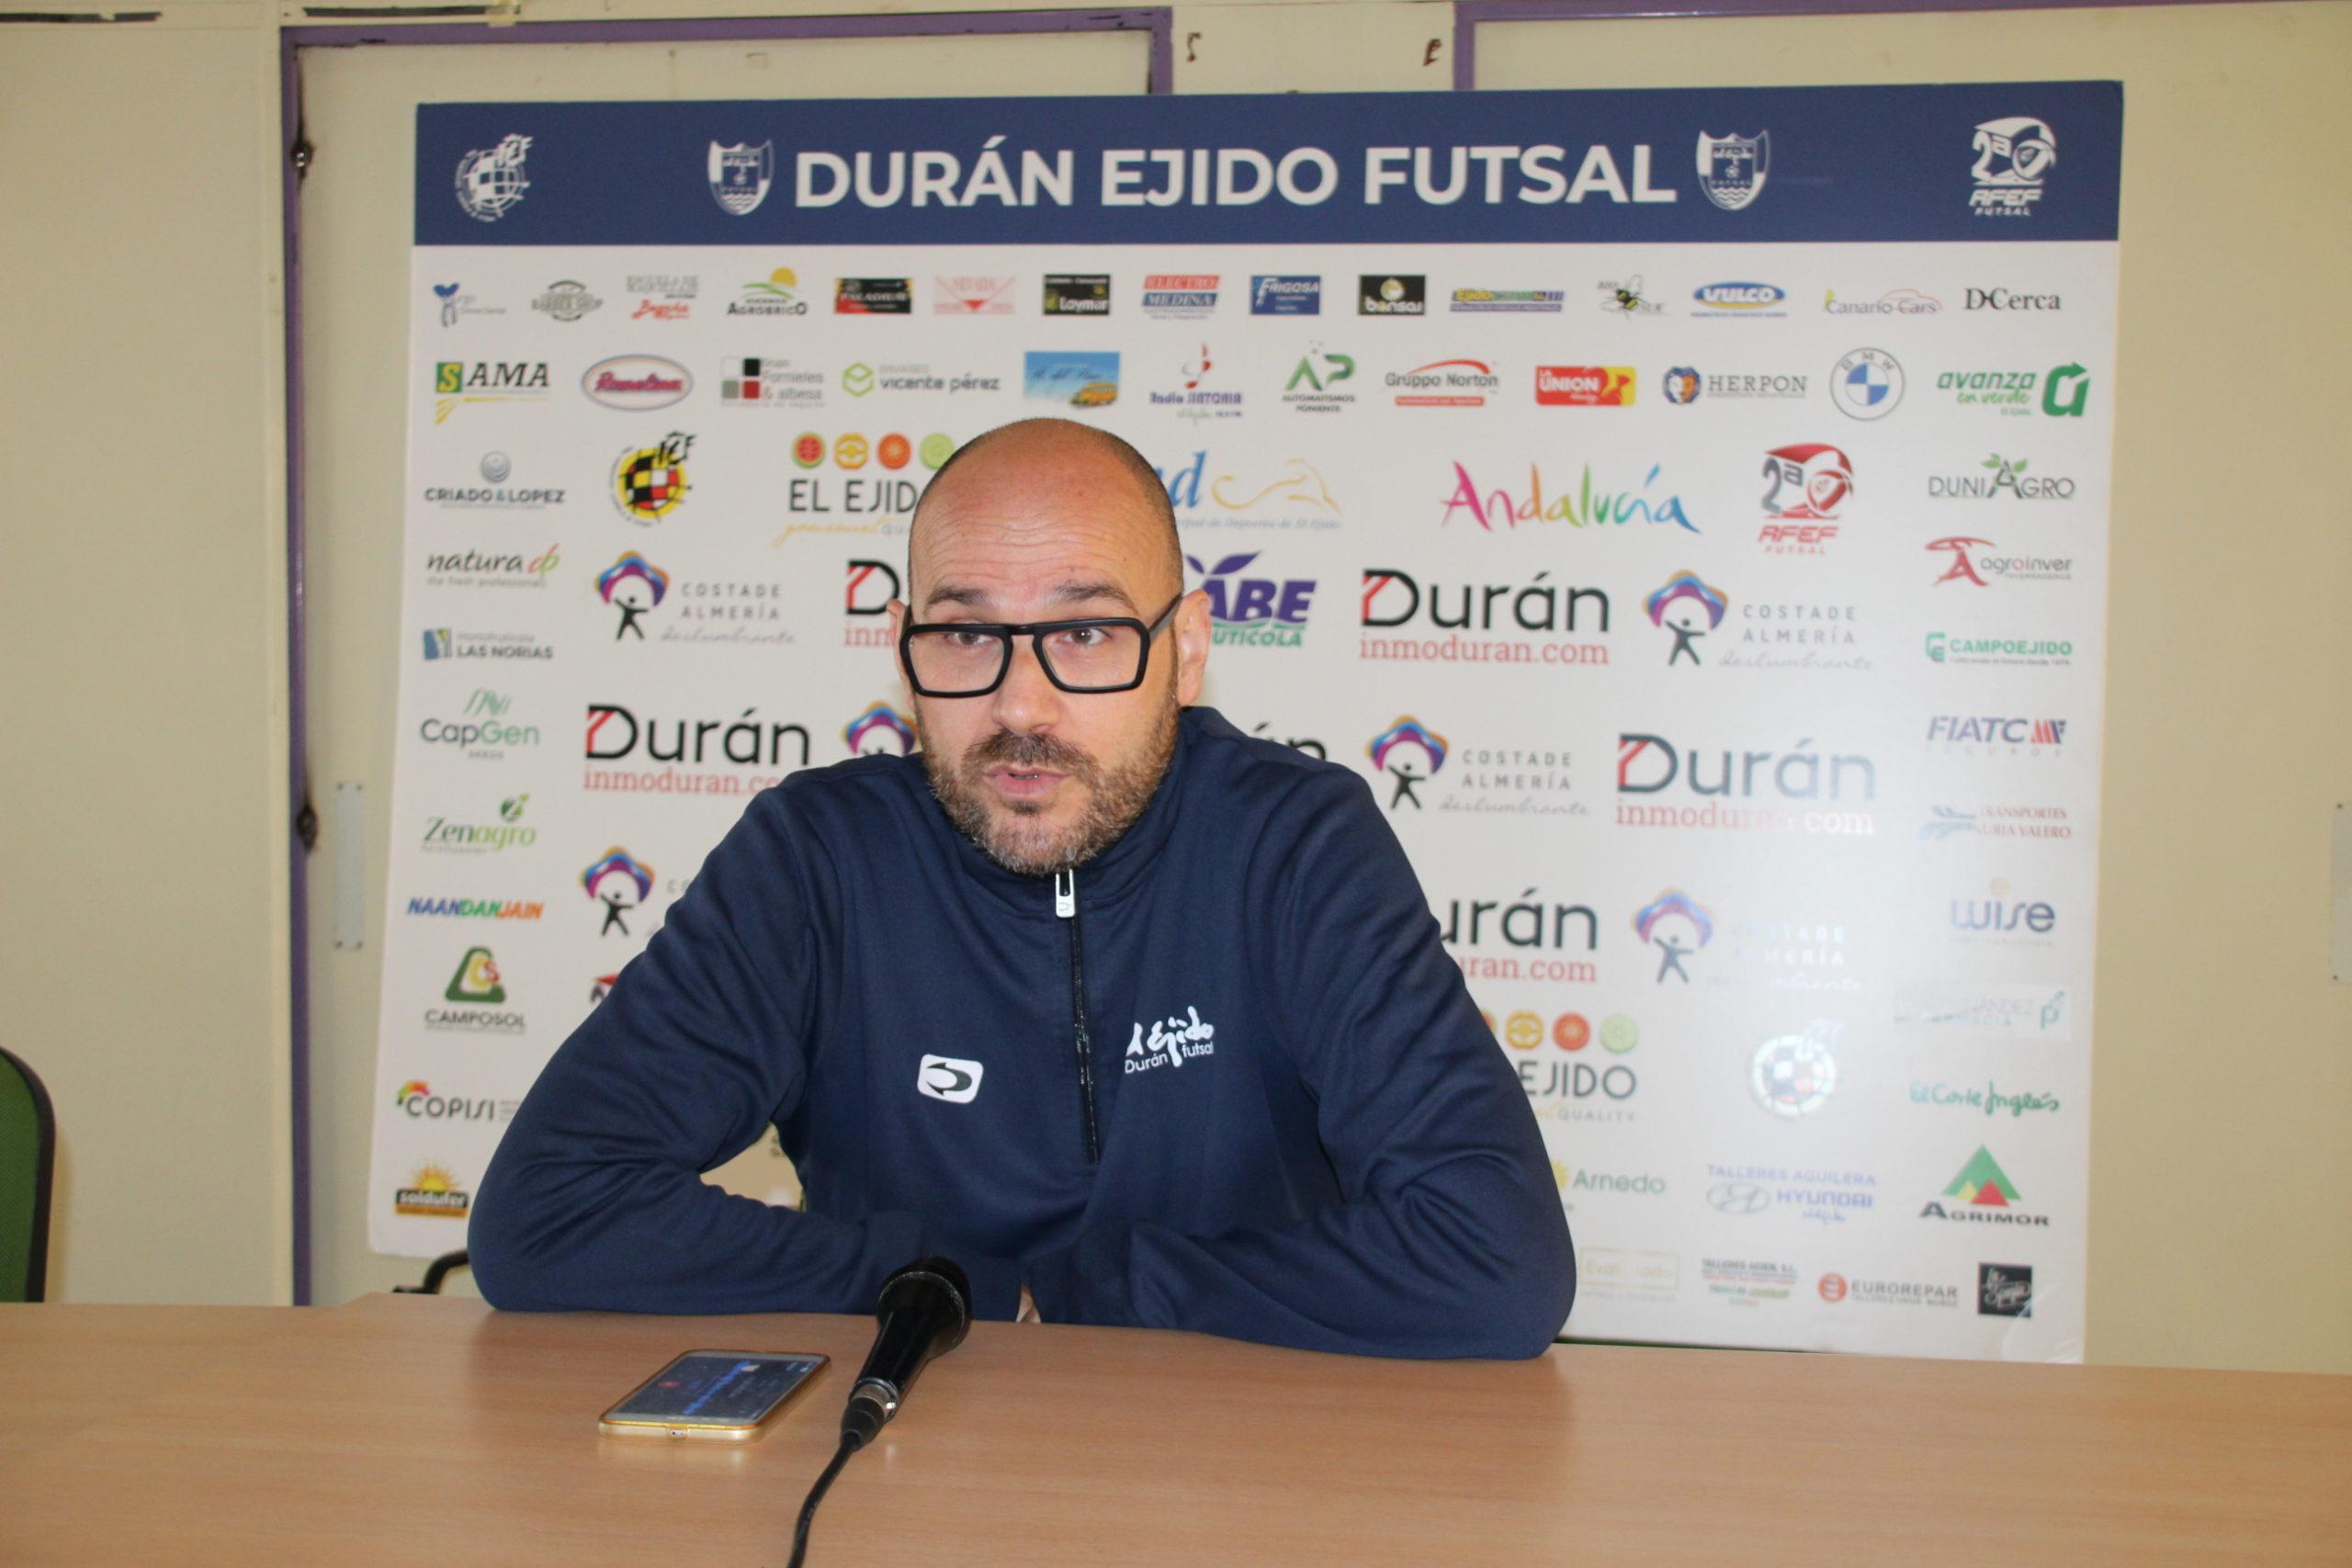 Durán Ejido Futsal buscará acabar con victoria la Primera Fase ante Elche